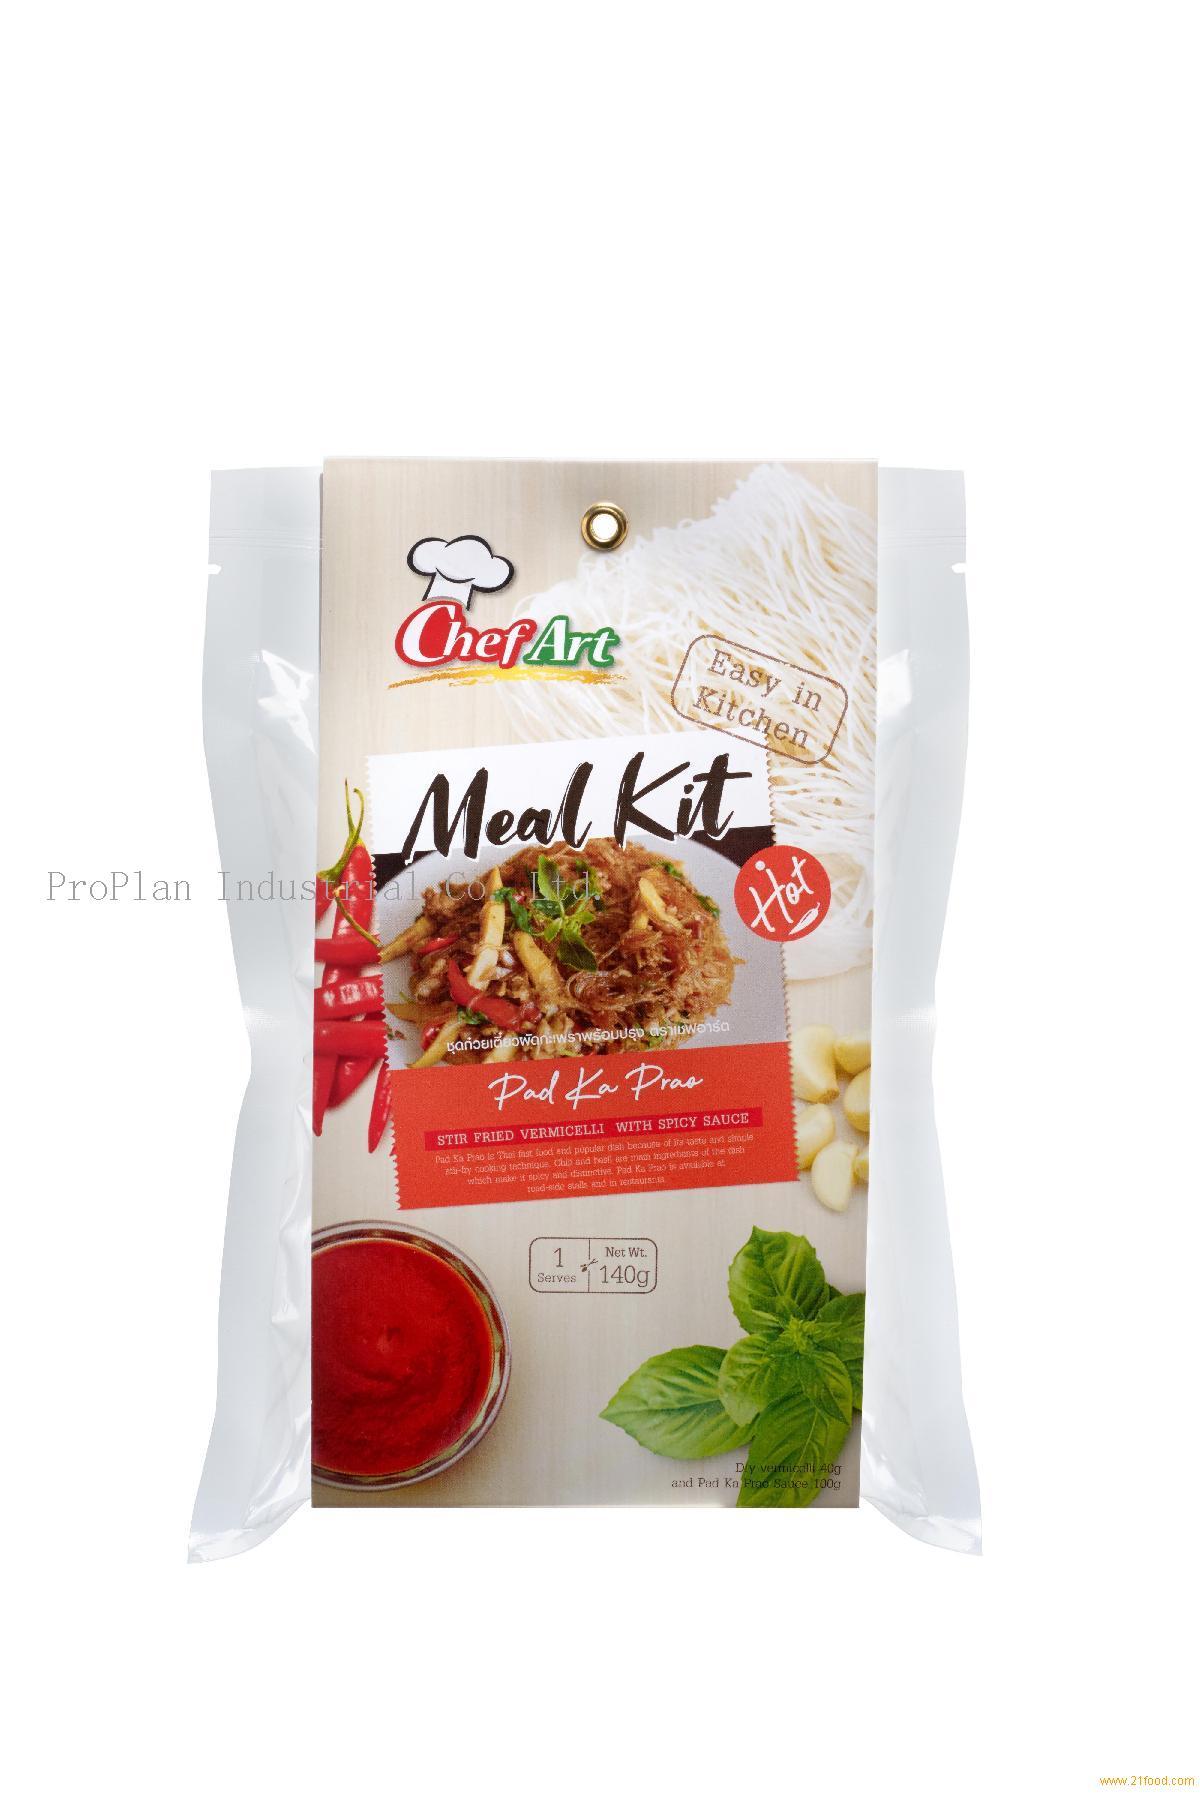 Holy Basil Stir Fry Meal Kit